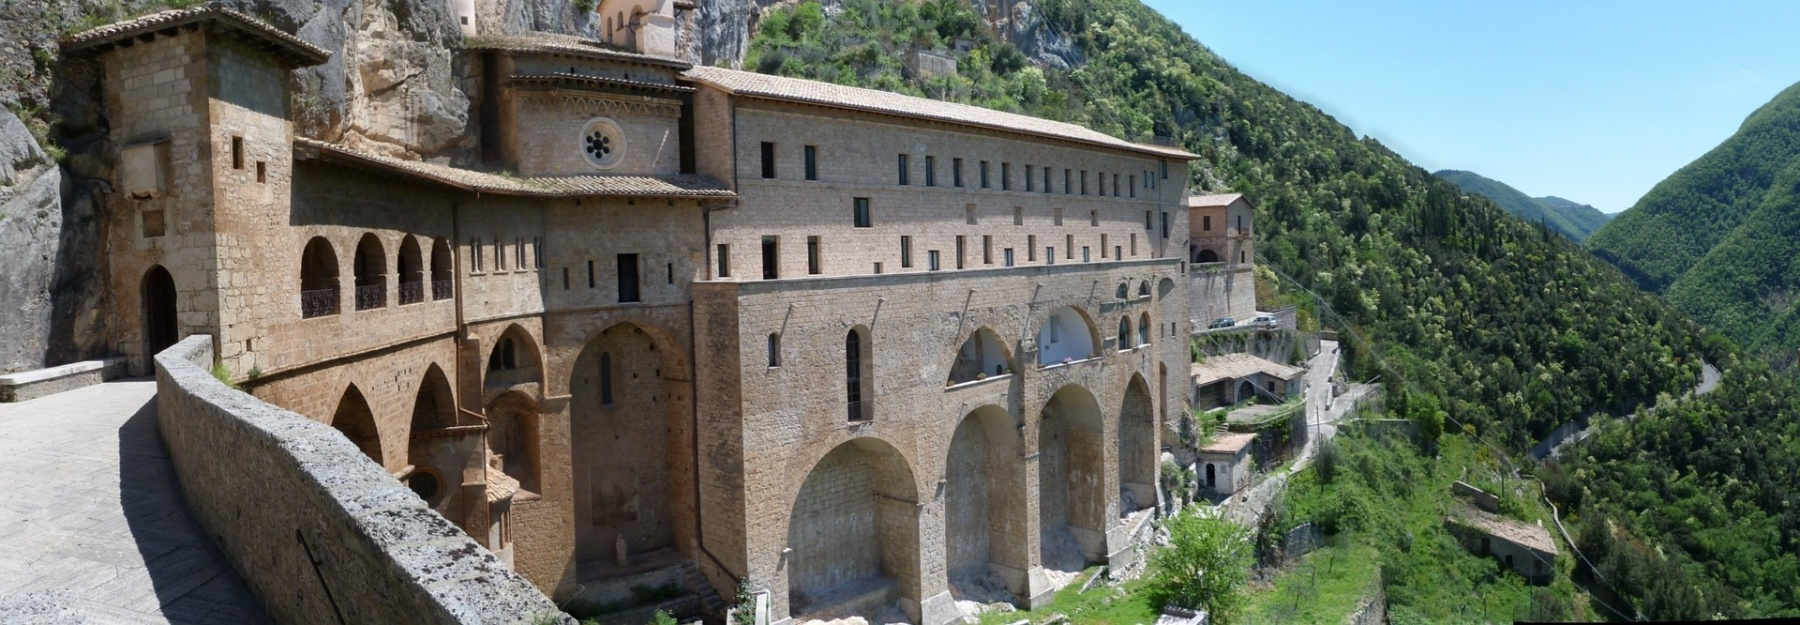 Subiaco abbazia